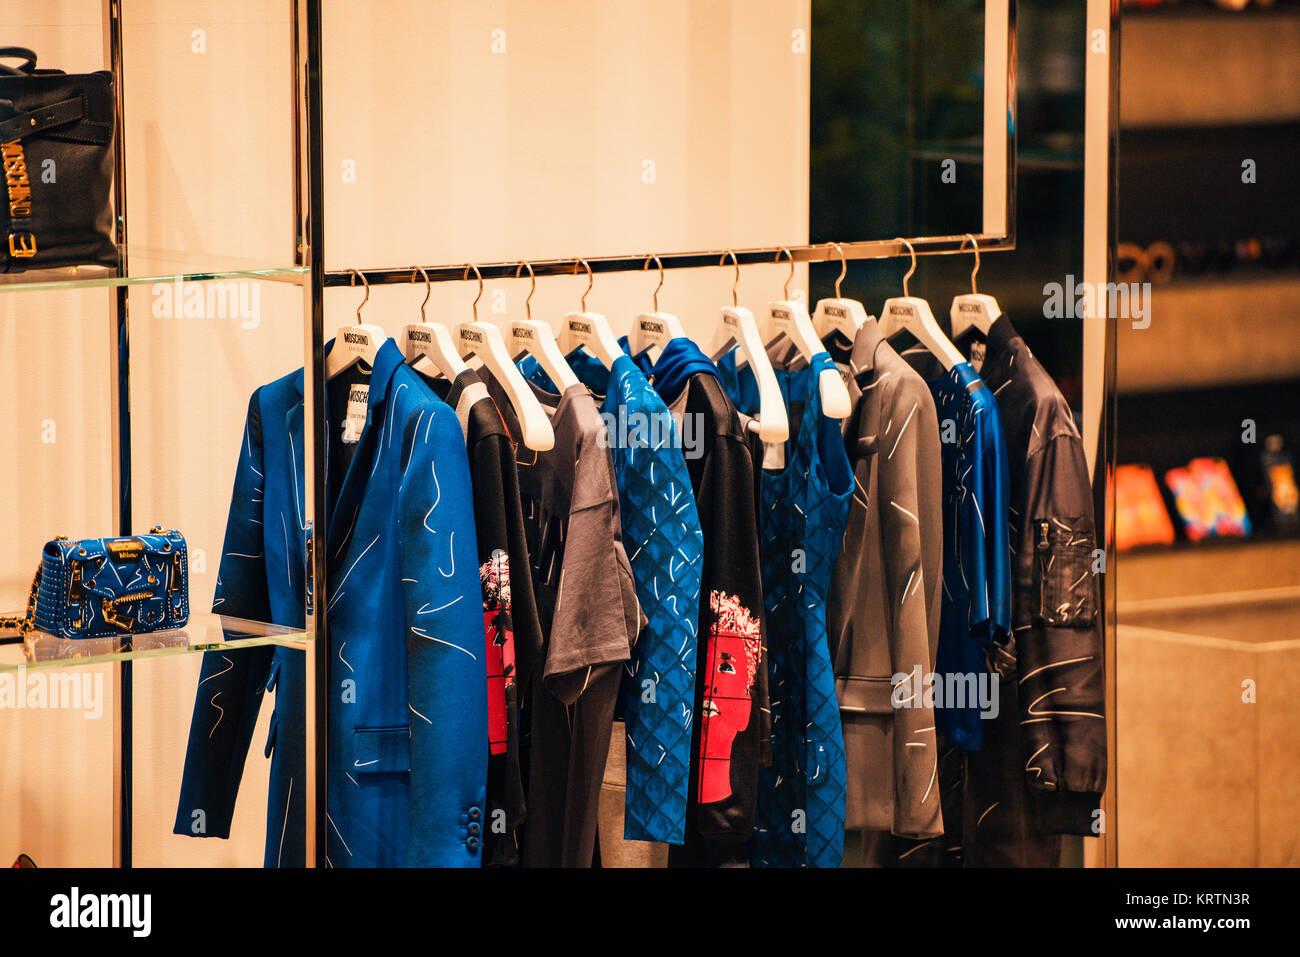 best service 2470d 52ff3 Milano, Italia - 11 Novembre 2016: lusso negozio di ...